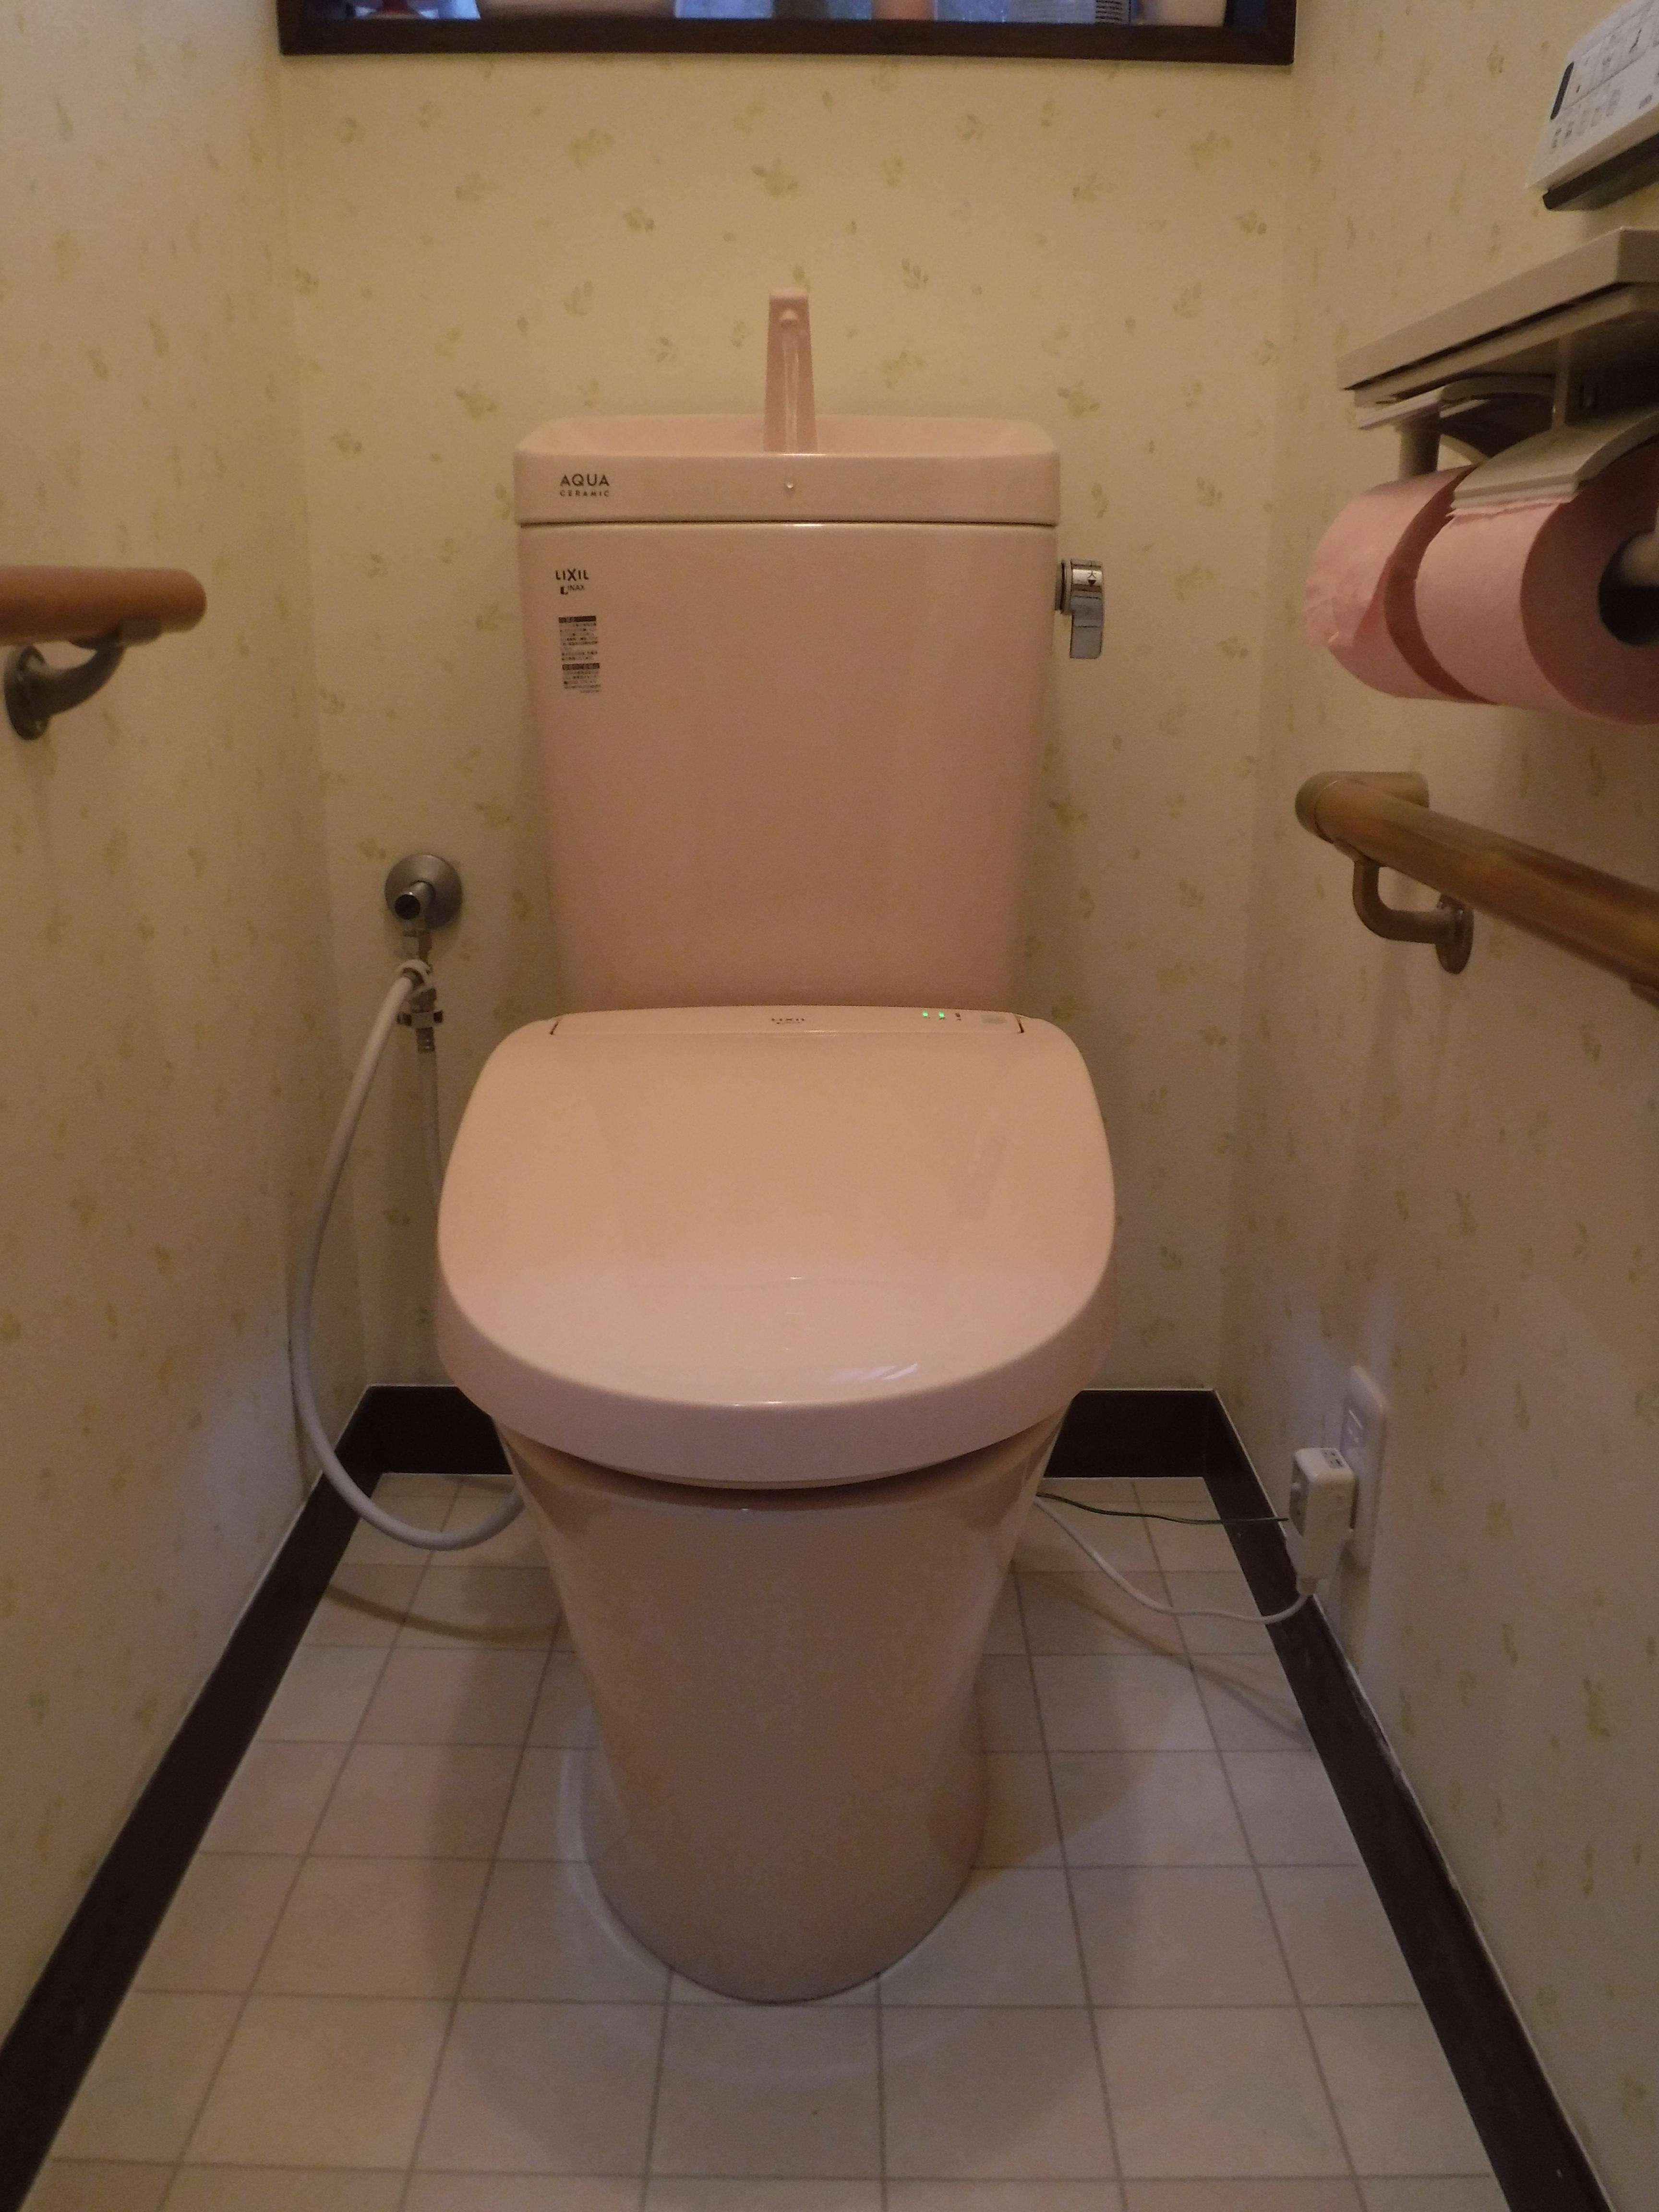 浴室の補修費用を抑えたので、トイレ取替え♪